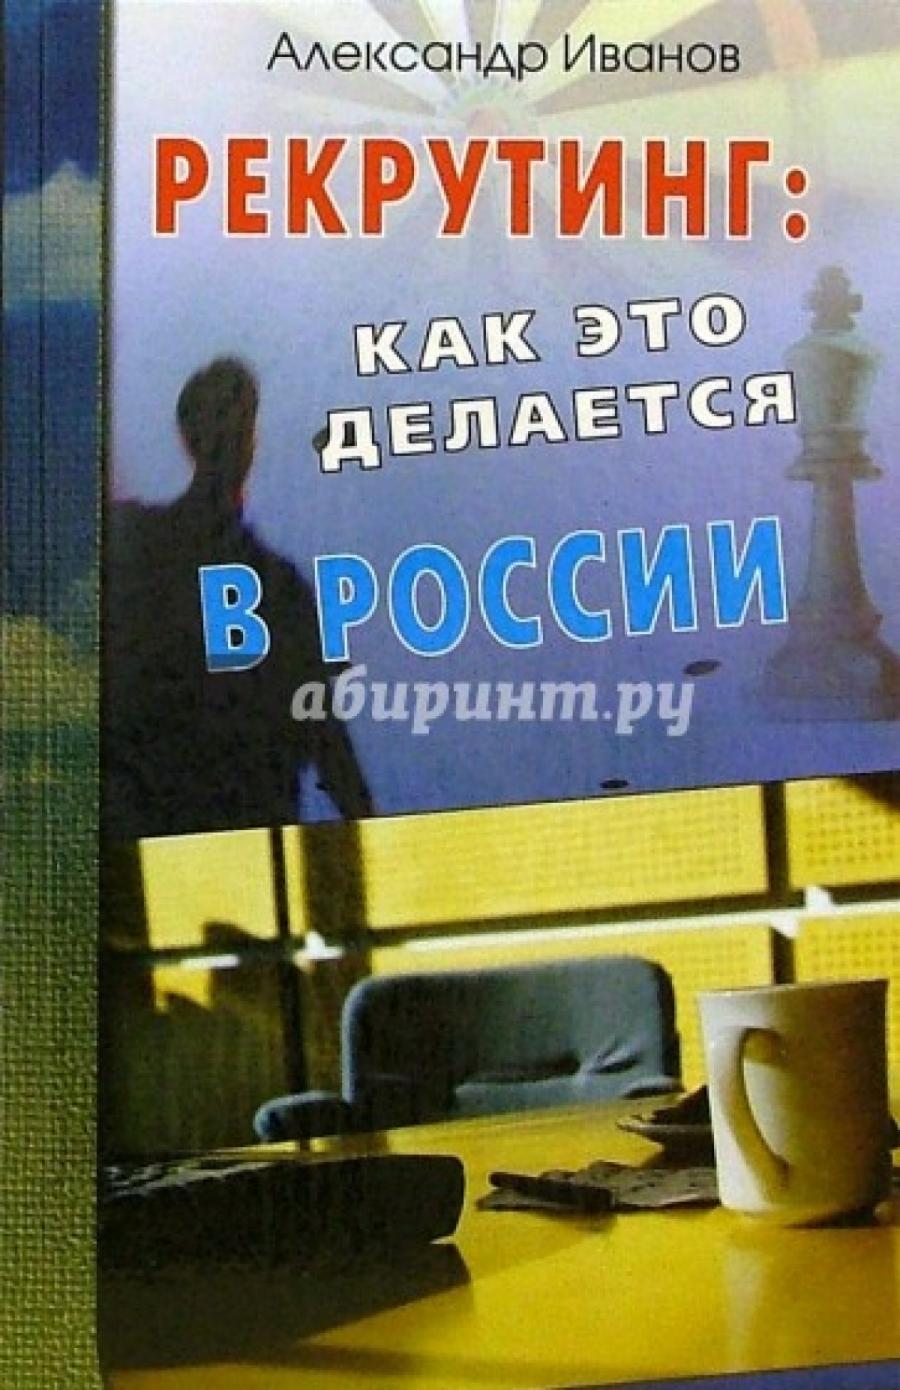 Обложка книги:  александр иванов - рекрутинг. как это делается в россии